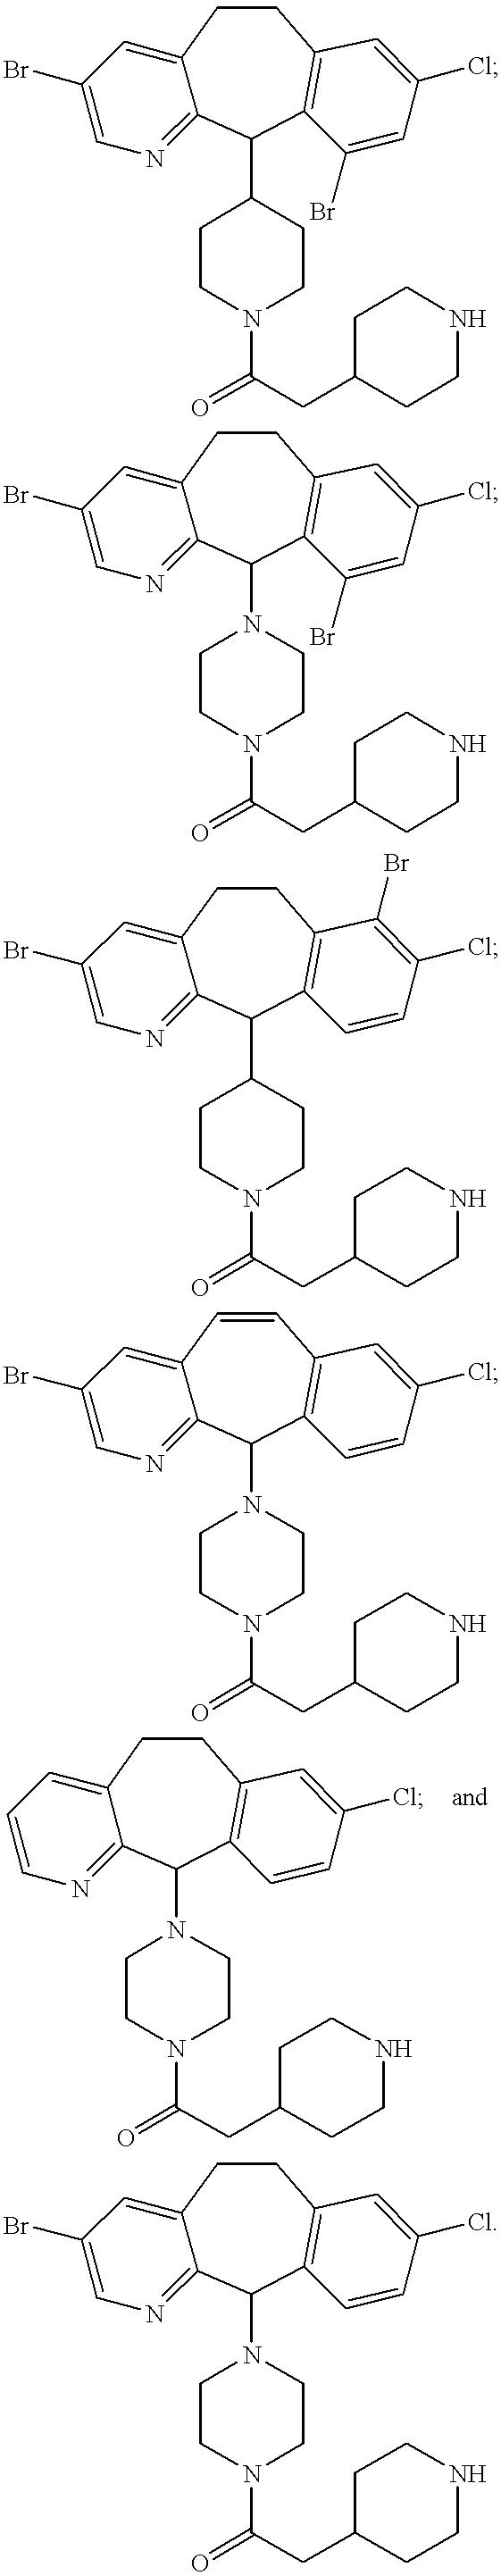 Figure US06387905-20020514-C00078